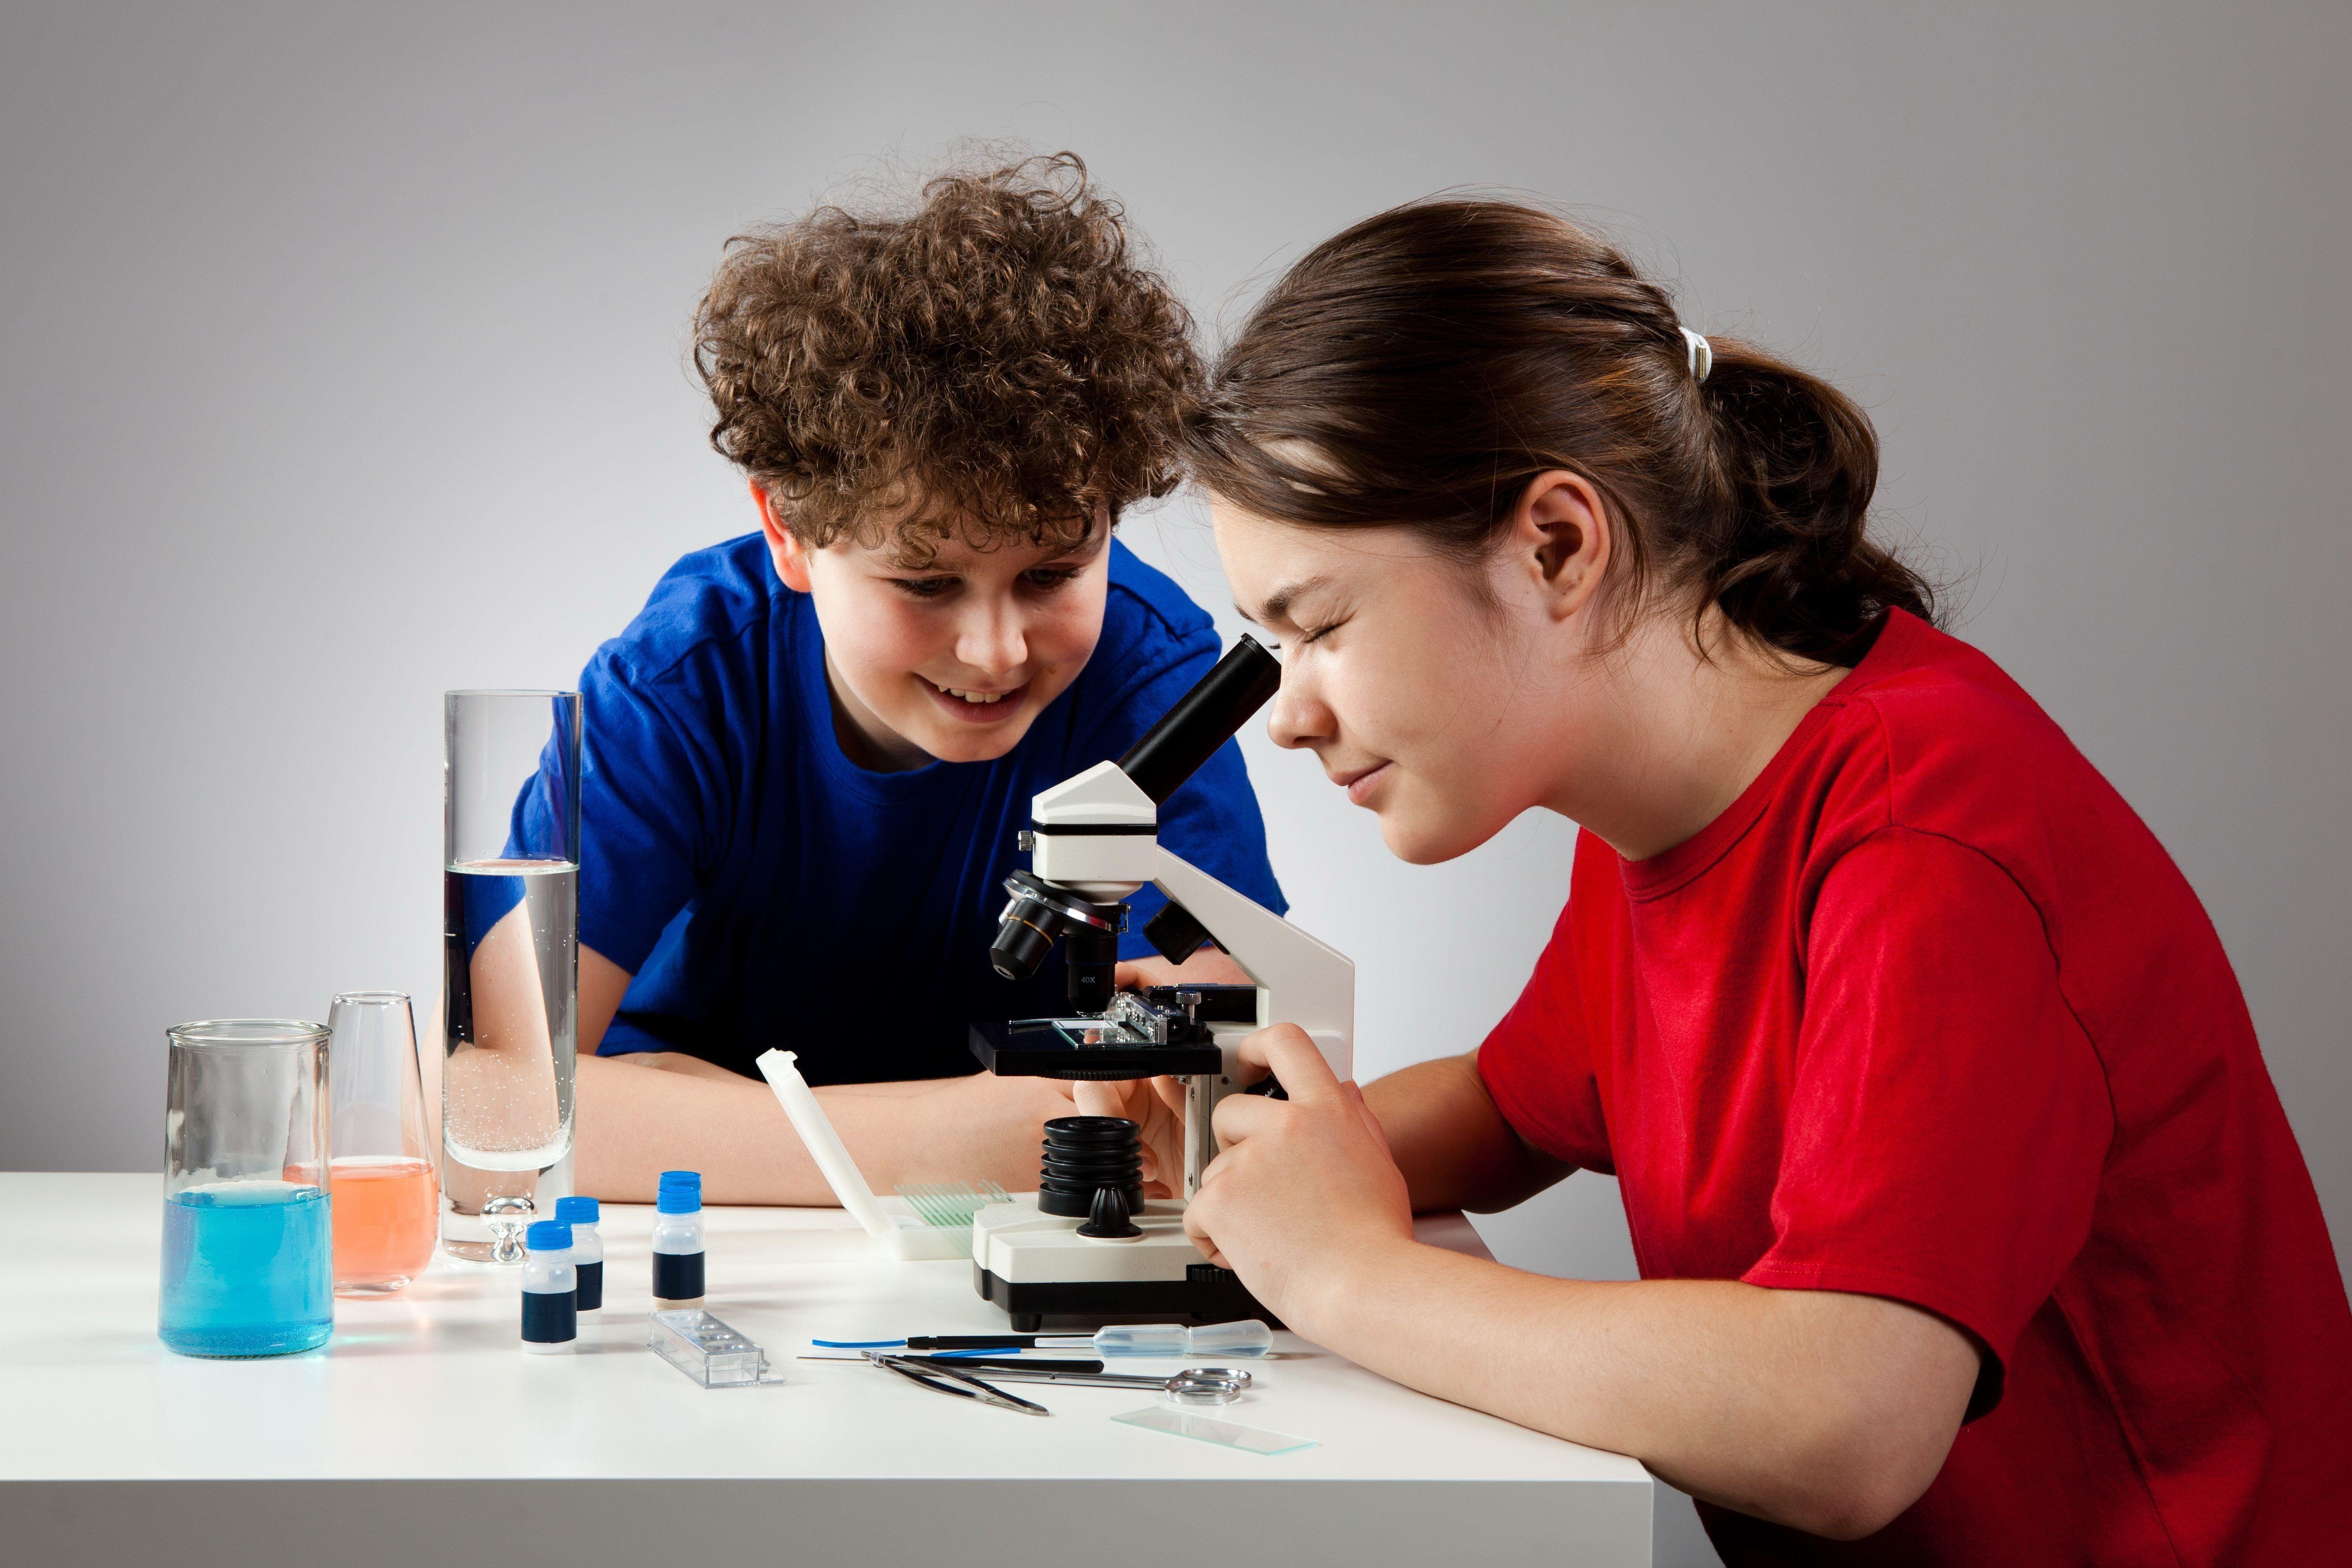 Лучшие микроскопы для школьников и студентов в 2020 году